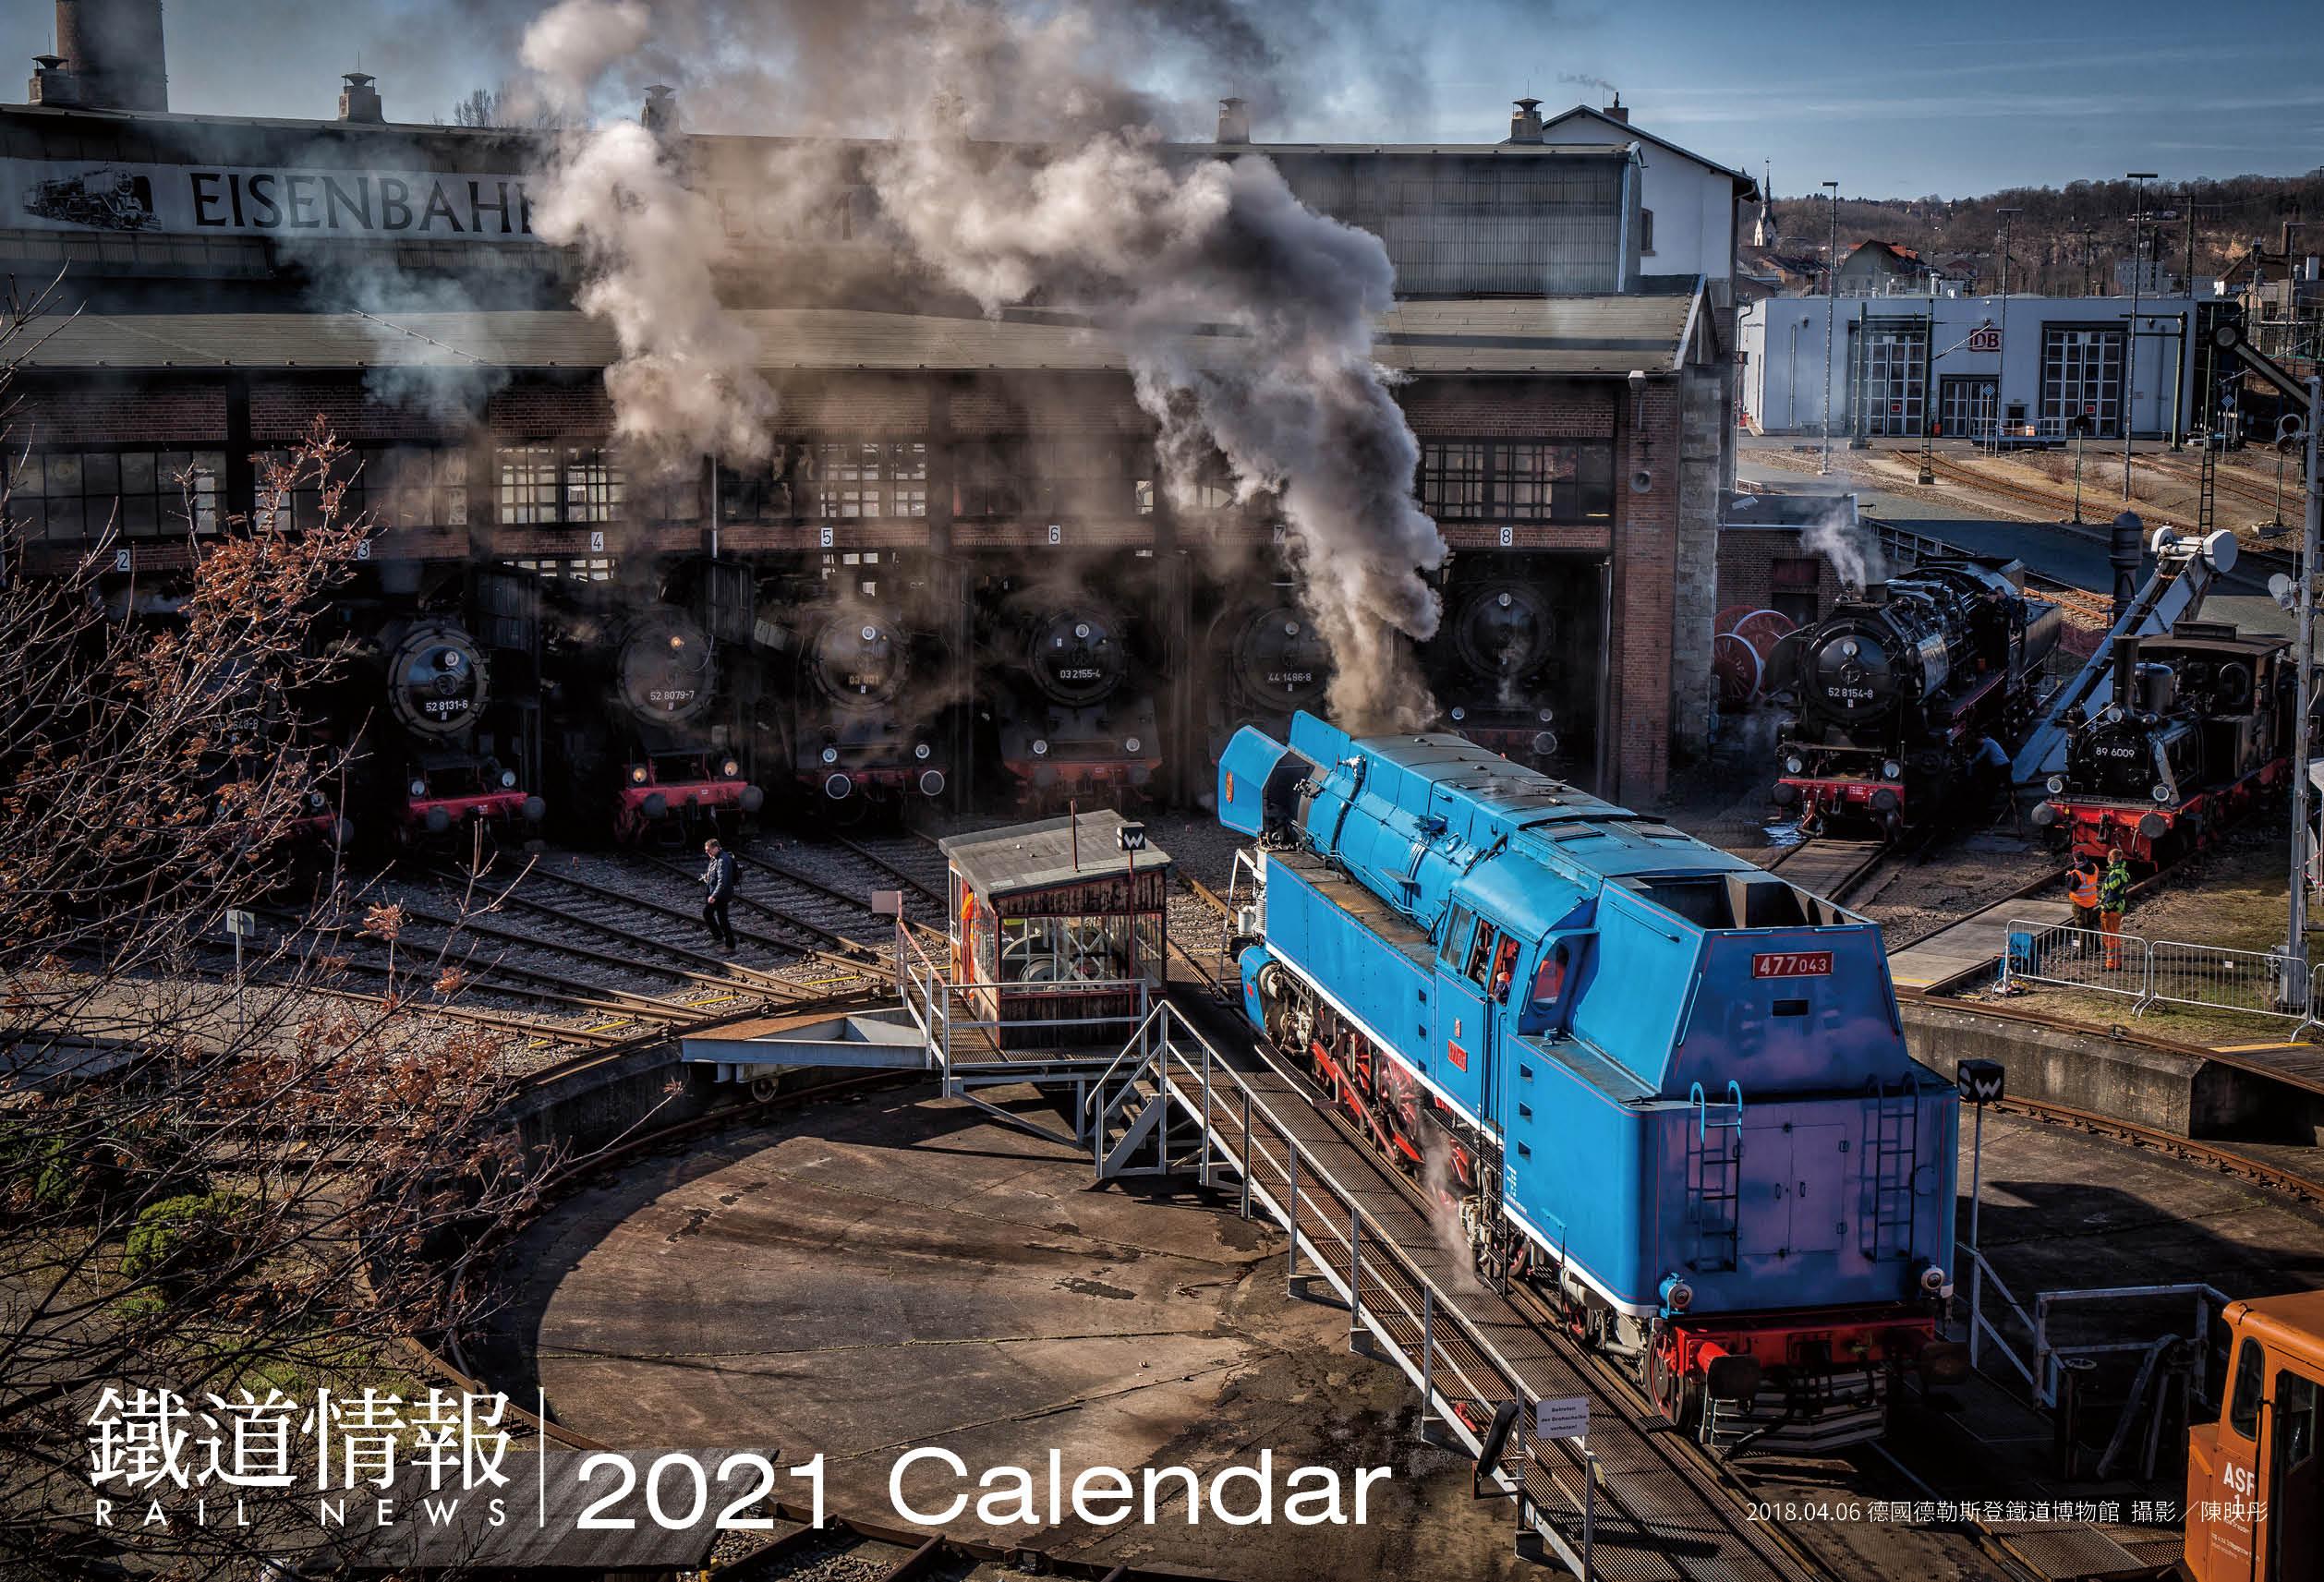 鐵道情報2021年桌曆圖片共3張